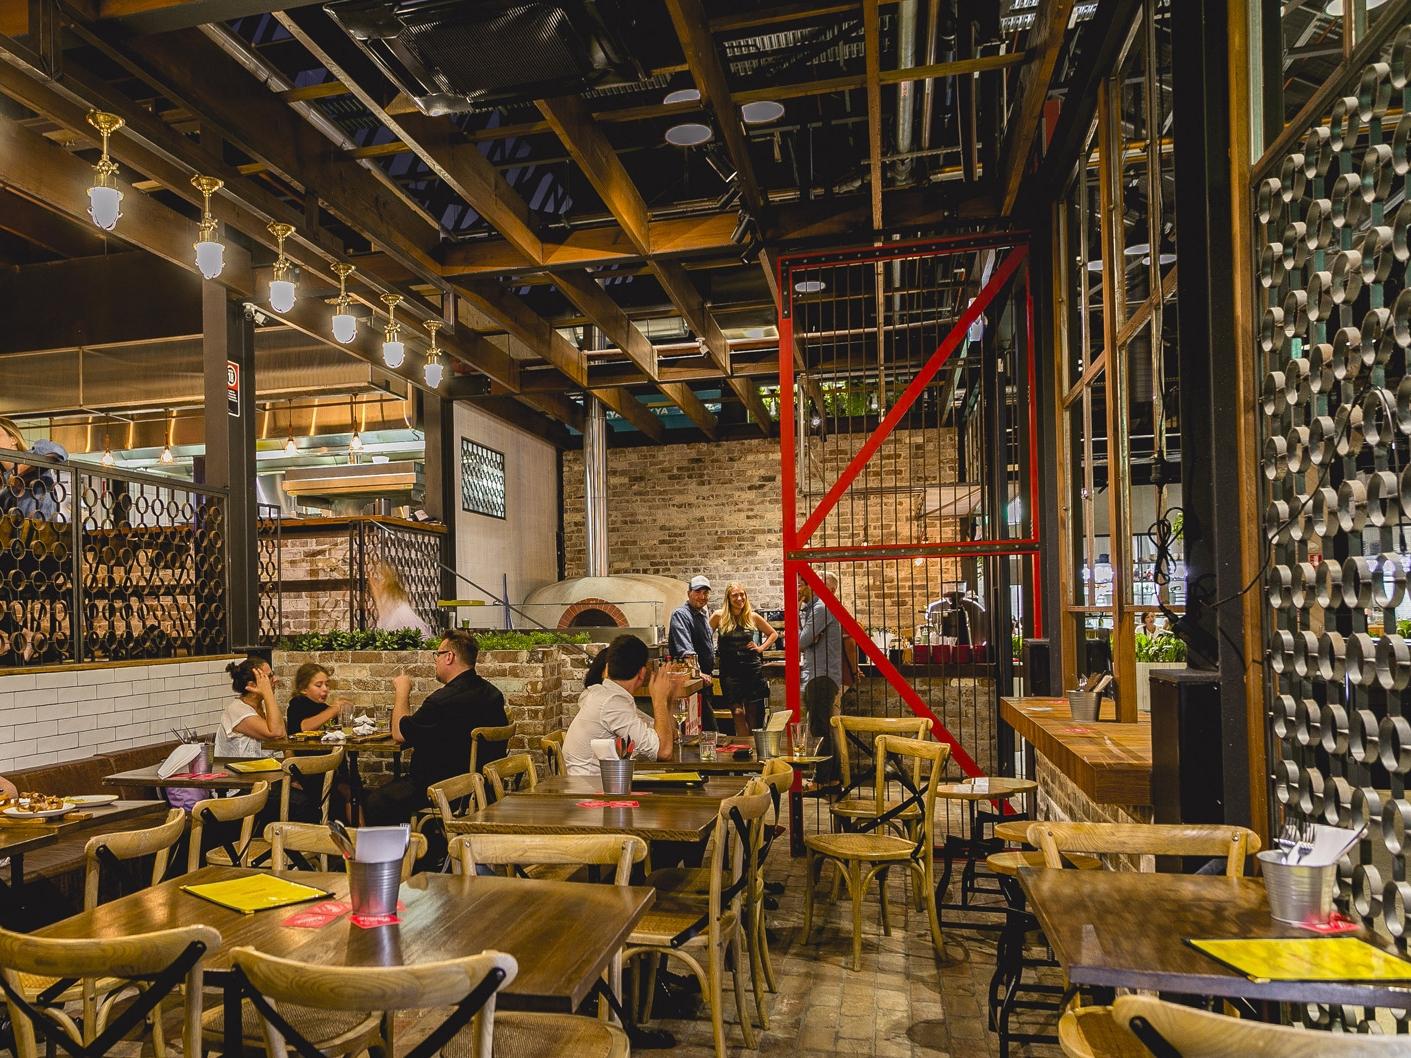 Redline-Kitchen-&-Taphouse-Tramsheds-Sydney-Restaurant-.jpg